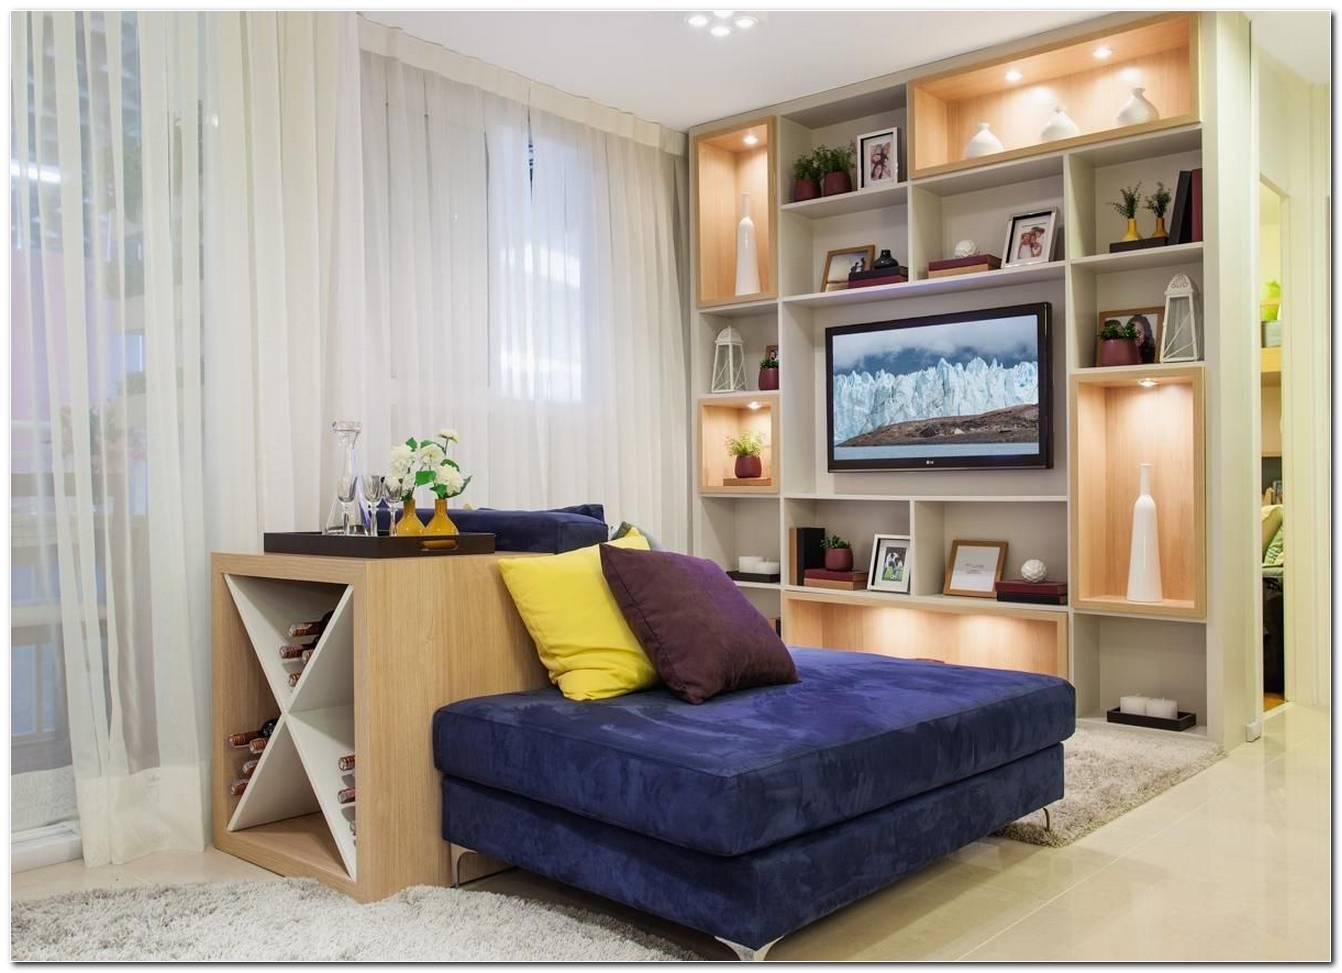 Sala Pequena Com Decoracao Simples